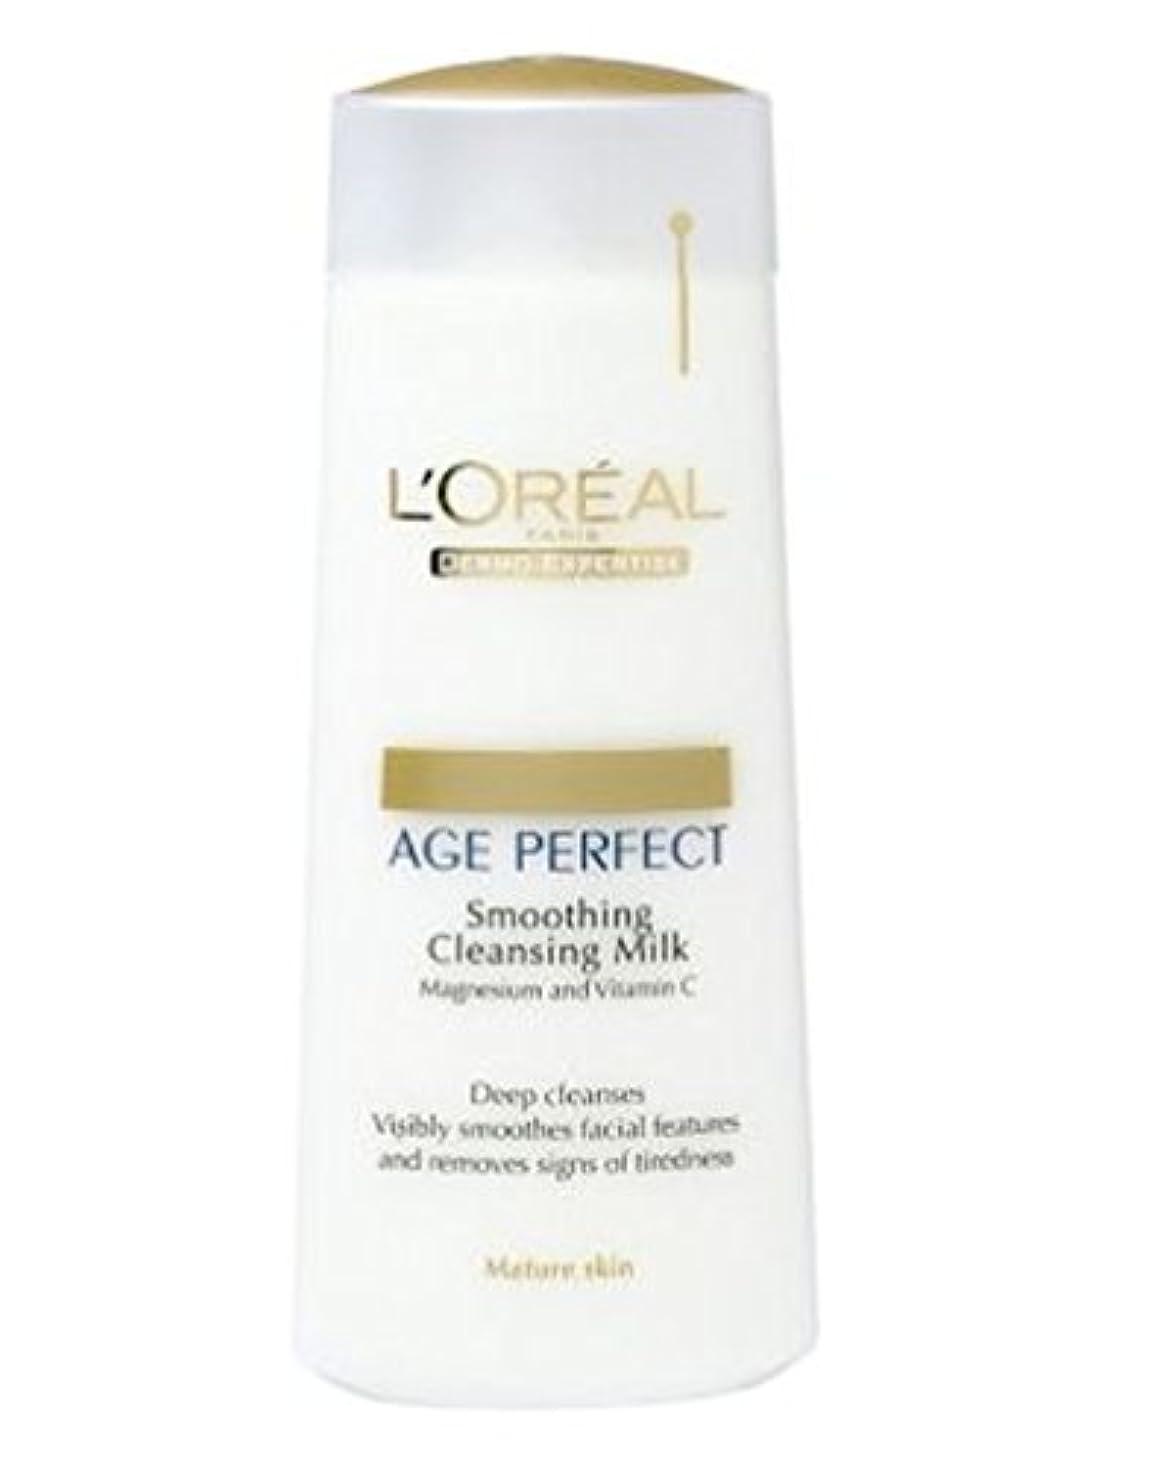 妨げる恐ろしいです松の木L'Oreall Dermo-Expertise Age Perfect Smoothing Cleansing Milk 200ml - L'Oreall真皮専門知識の年齢、完璧なスムージングクレンジングミルク200ミリリットル...